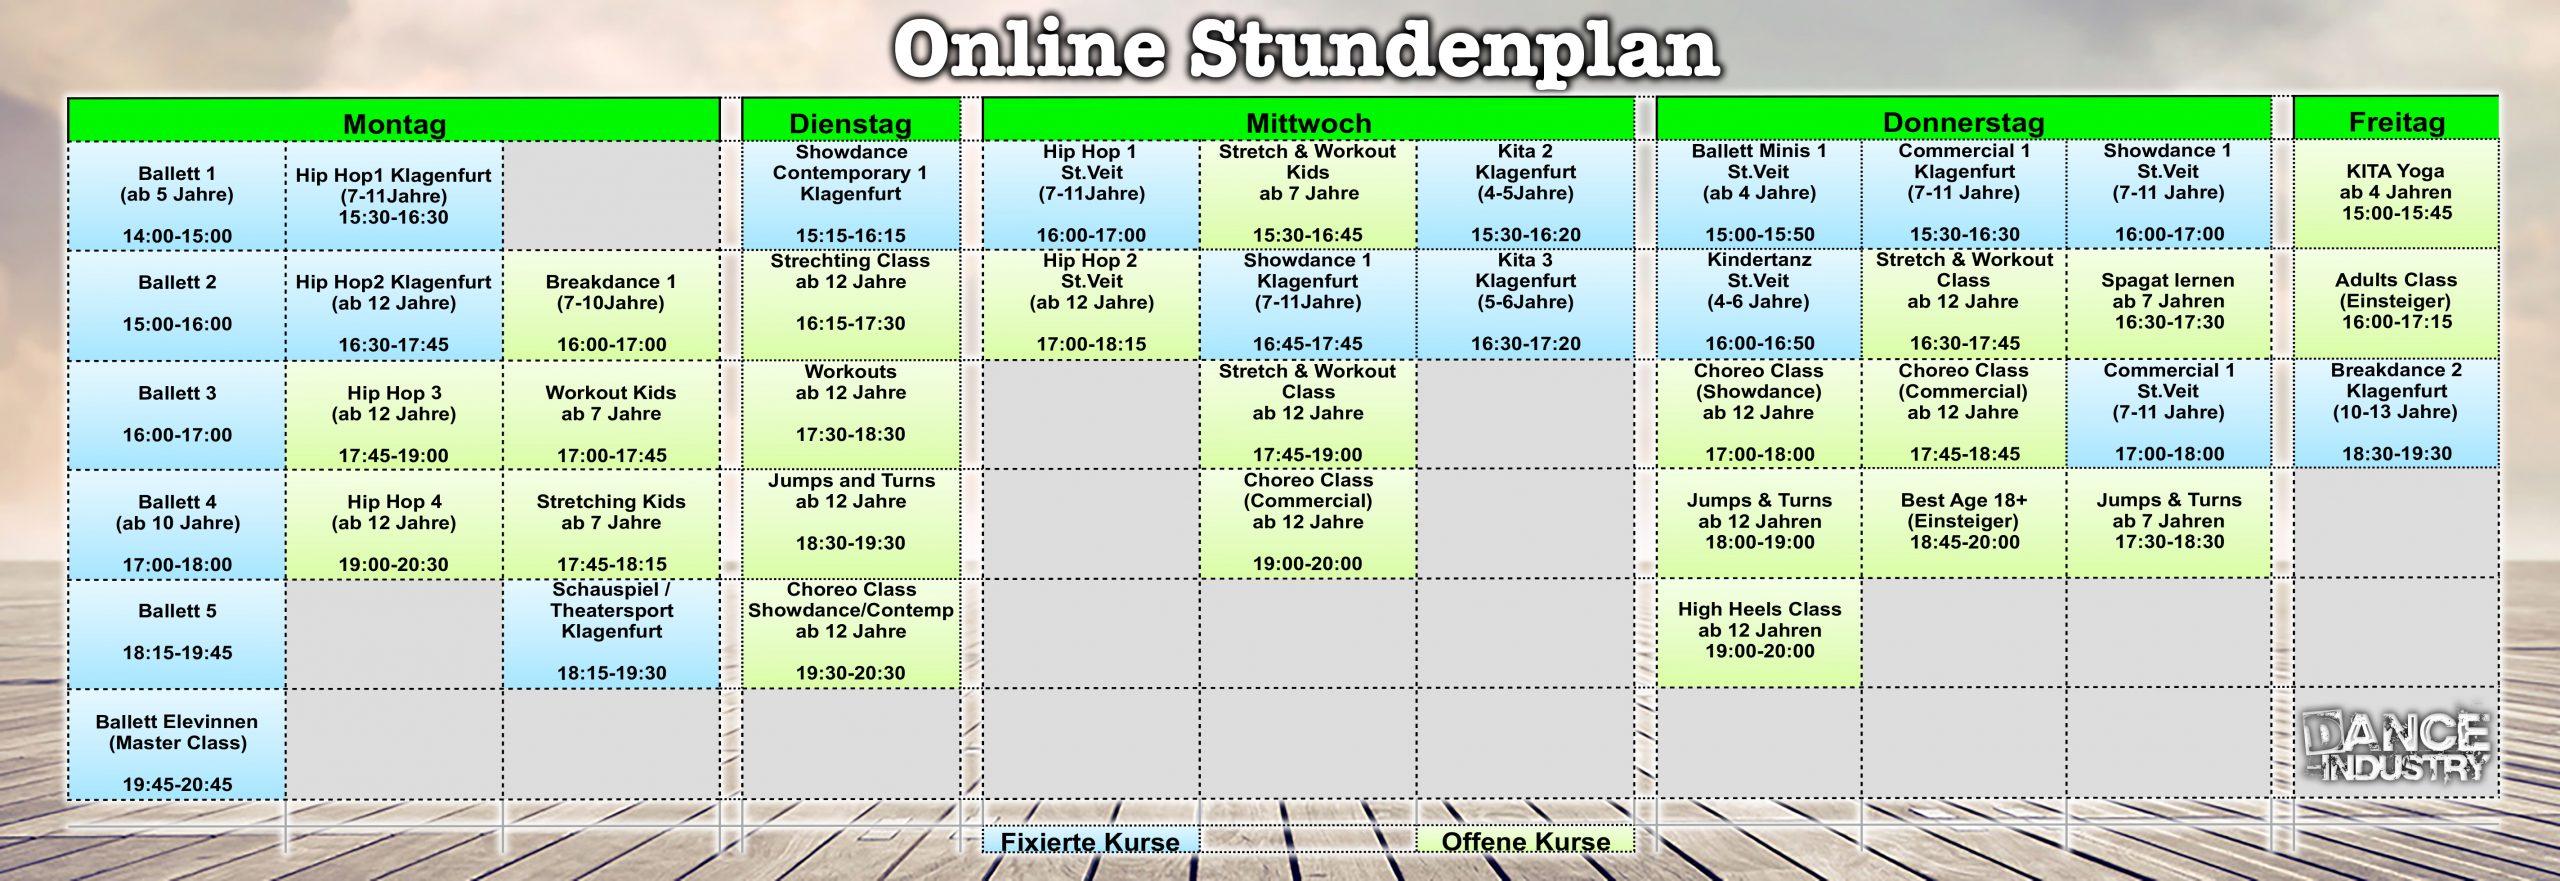 Online Stundenplan